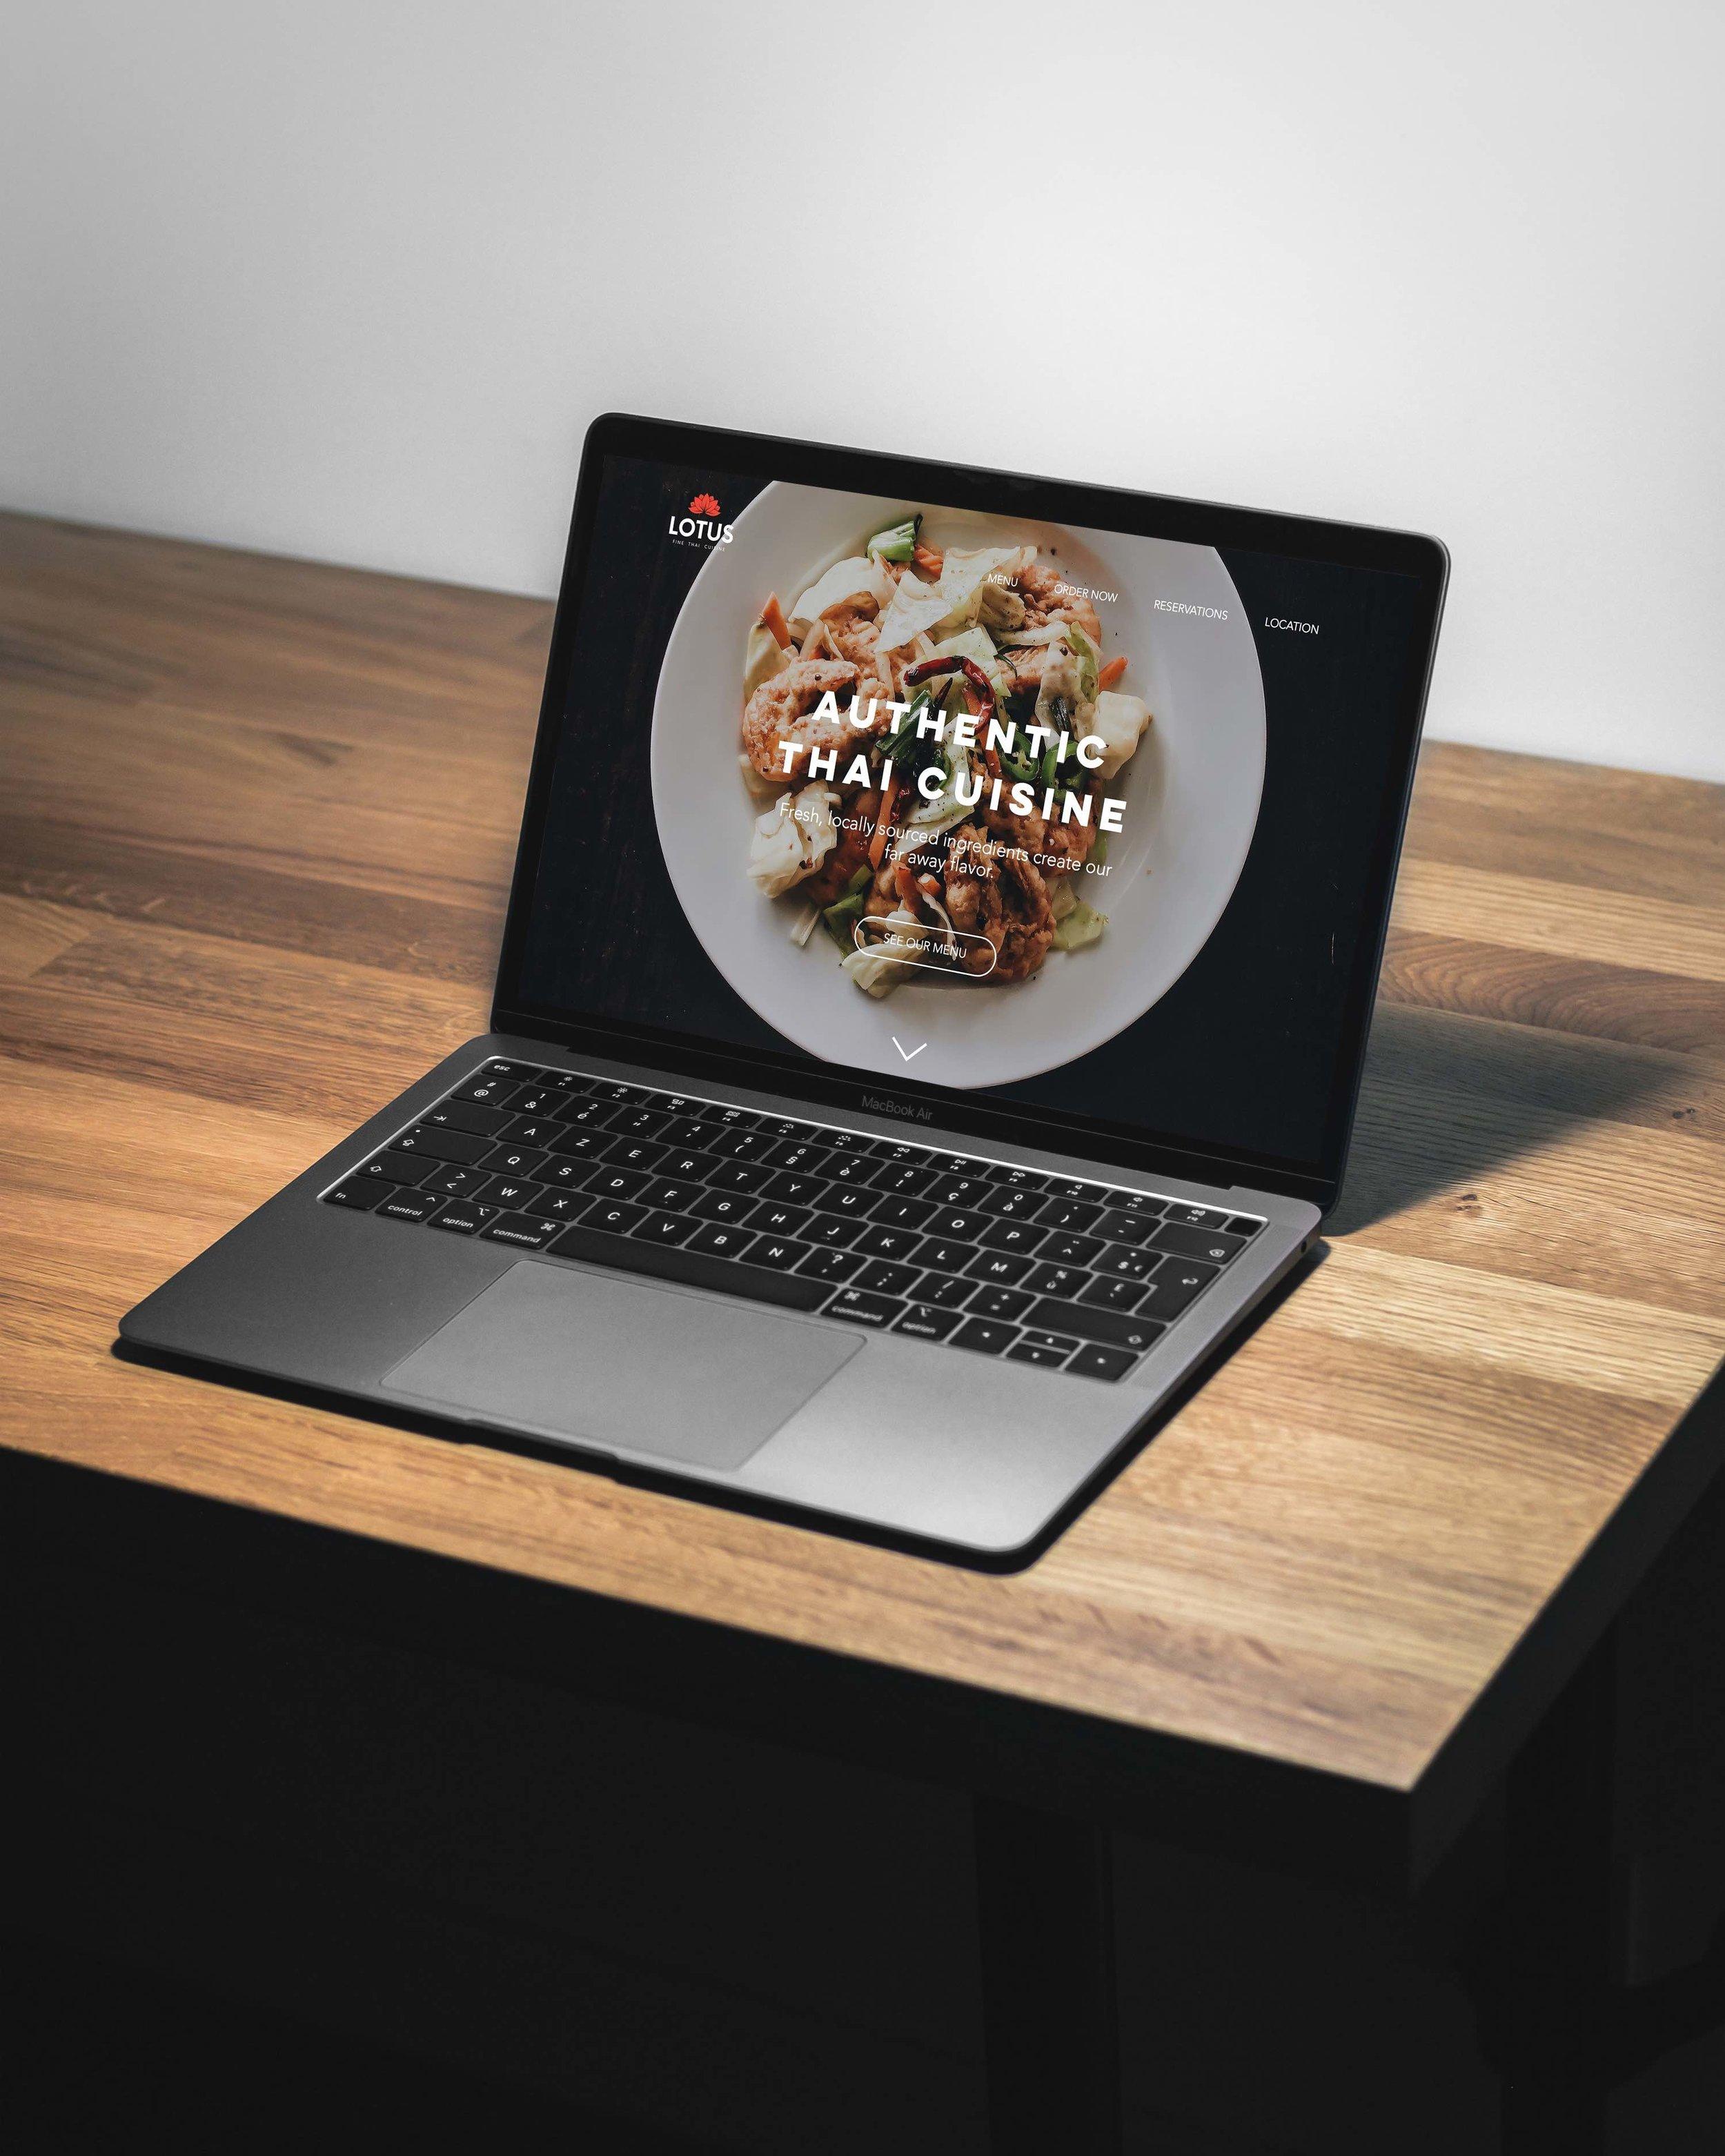 Lotus Website displayed on a MacBook